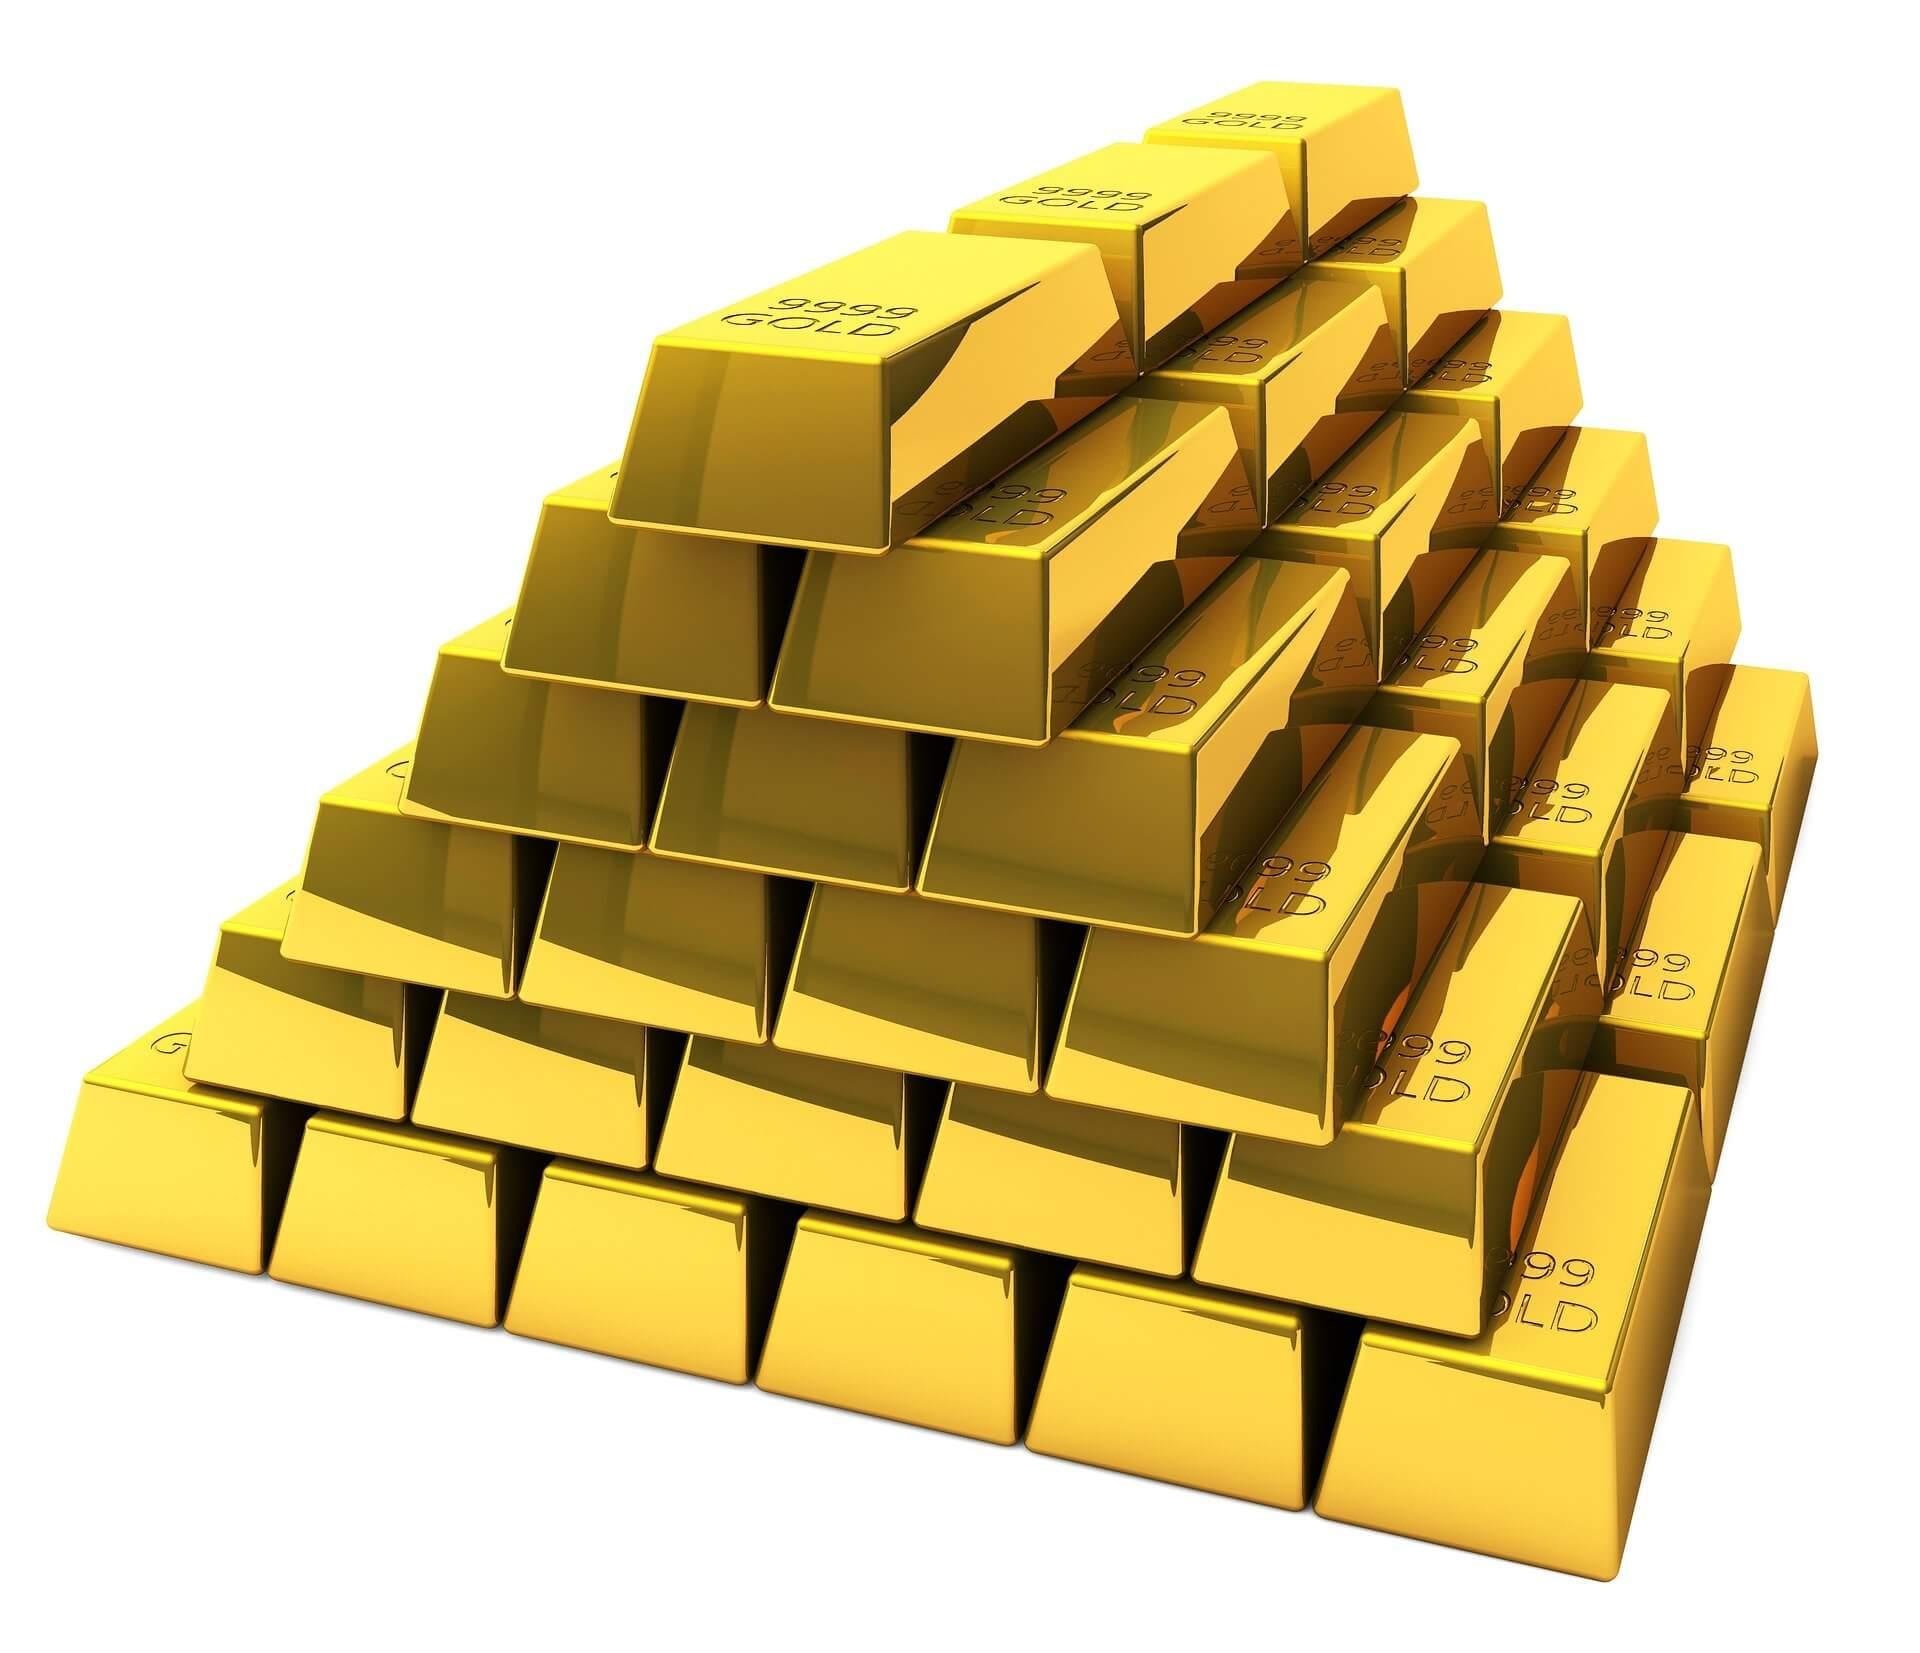 Comment reconnaître de l'or